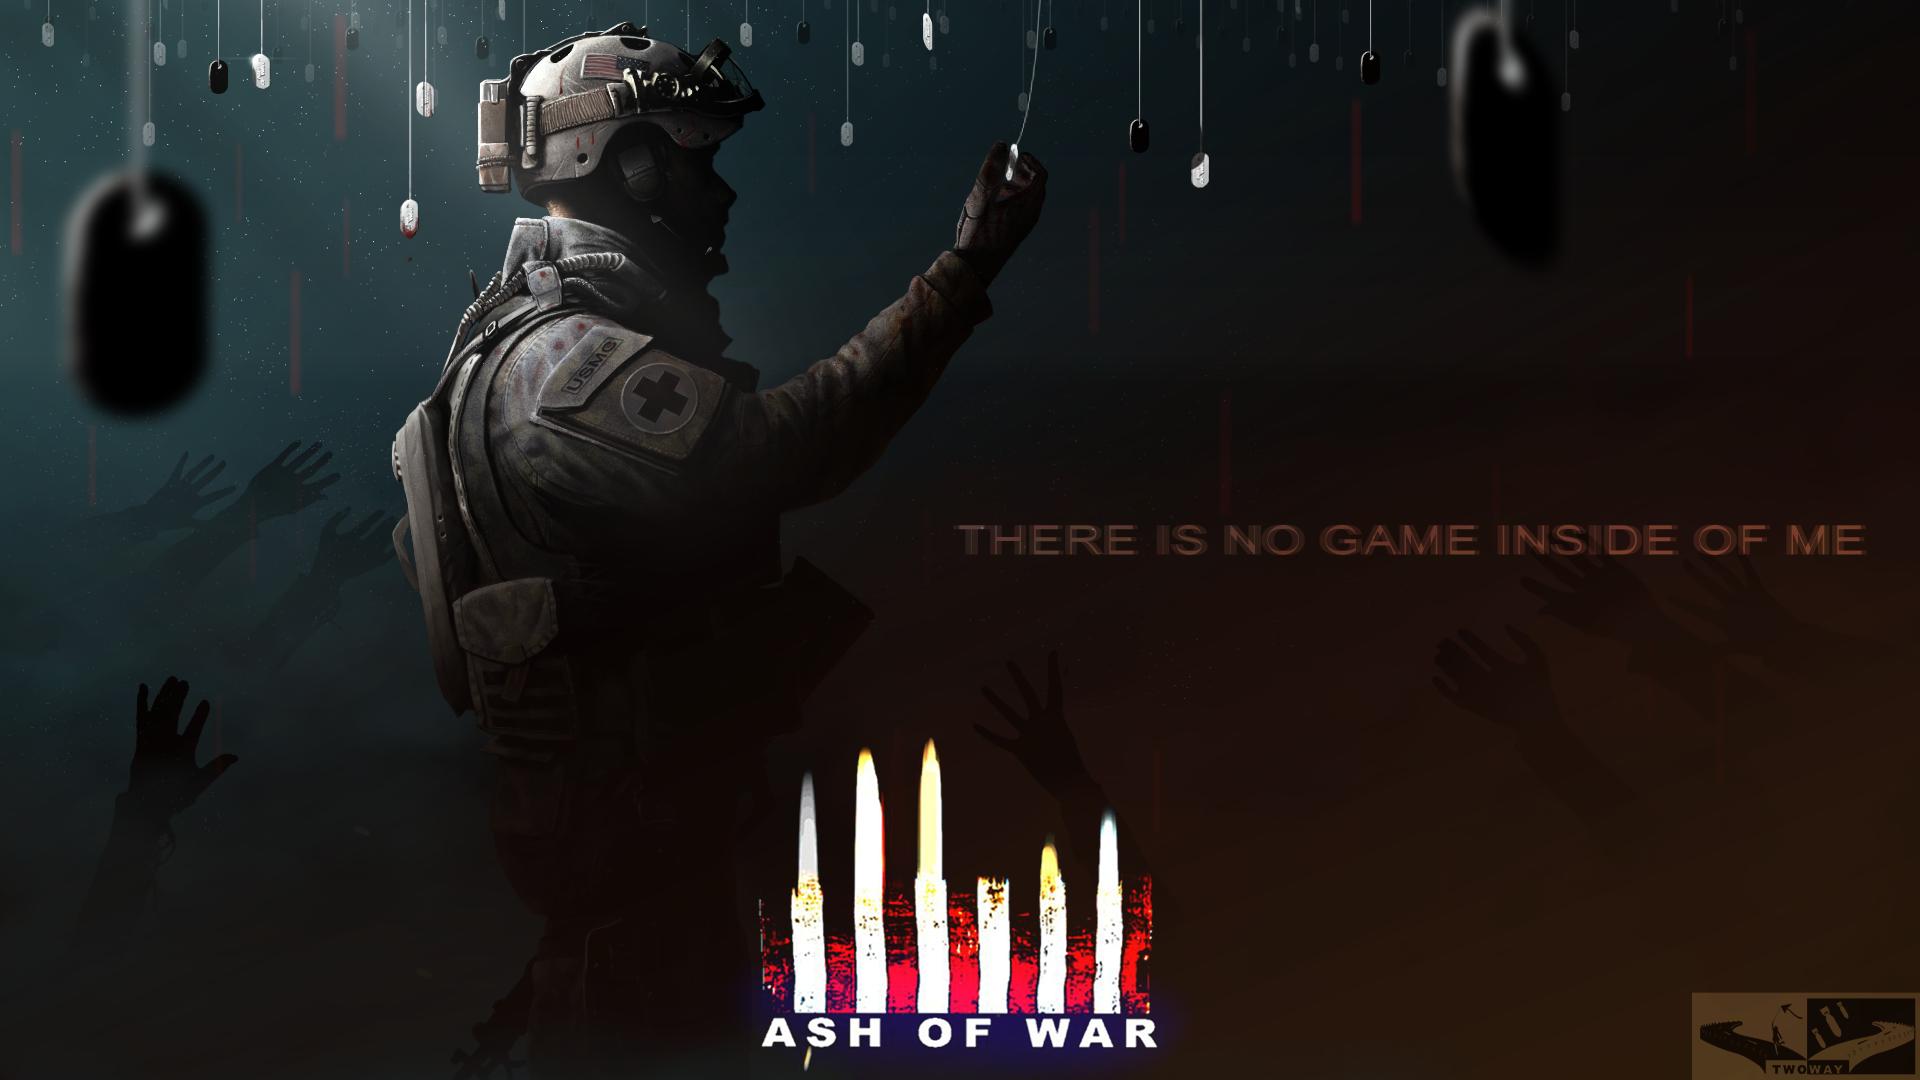 Создаем игру(обновления) Ash of War - Изображение 4